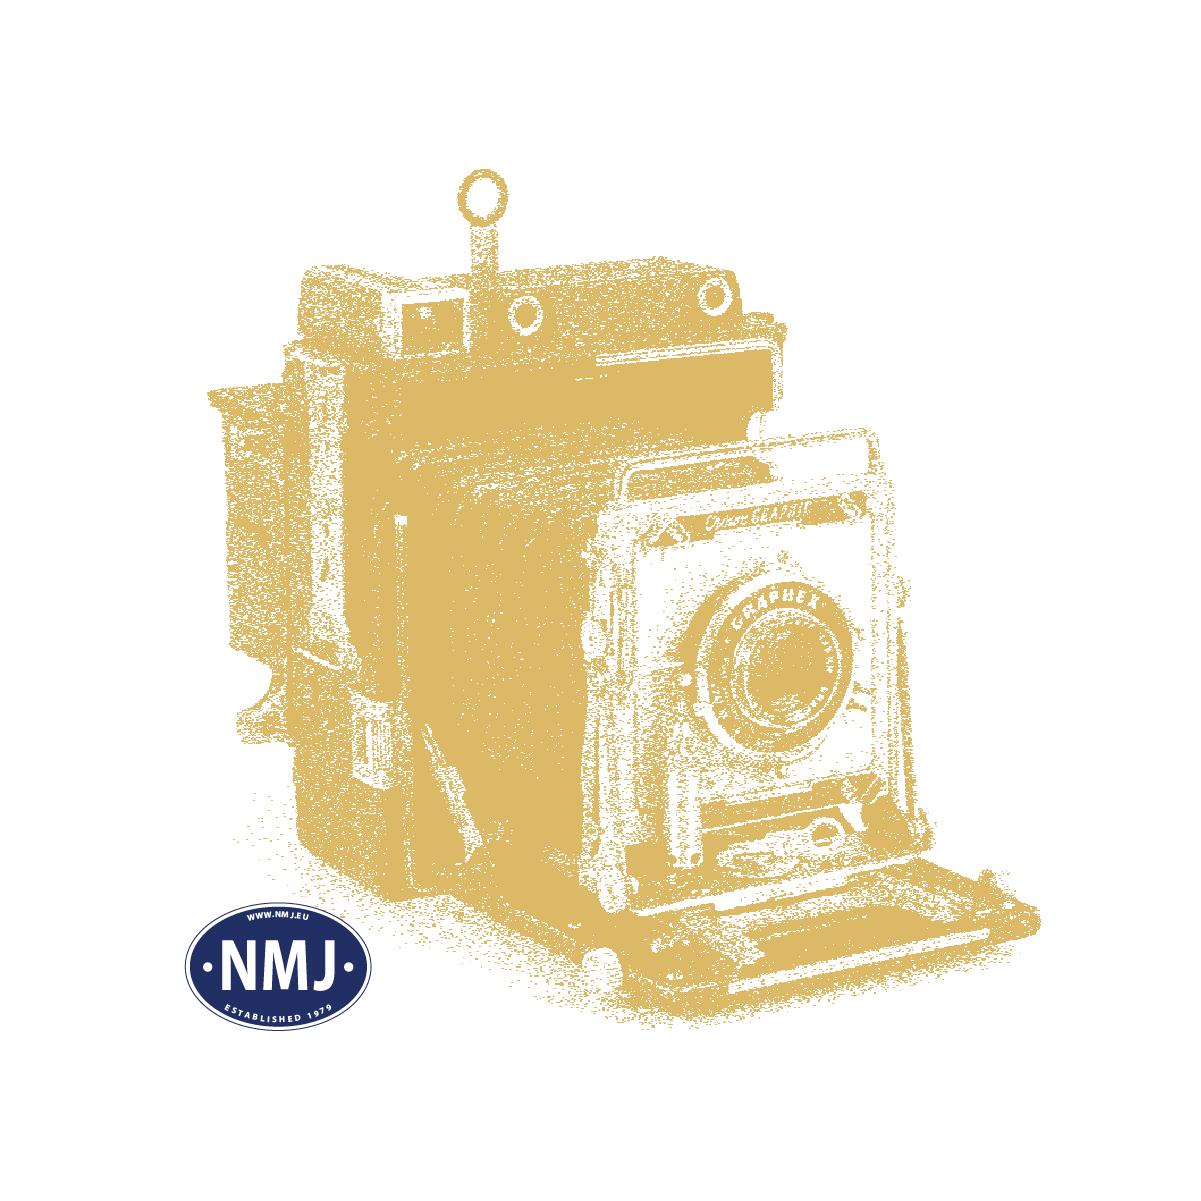 NMJ Malmvognlast for MAS 1908, 4 Stk